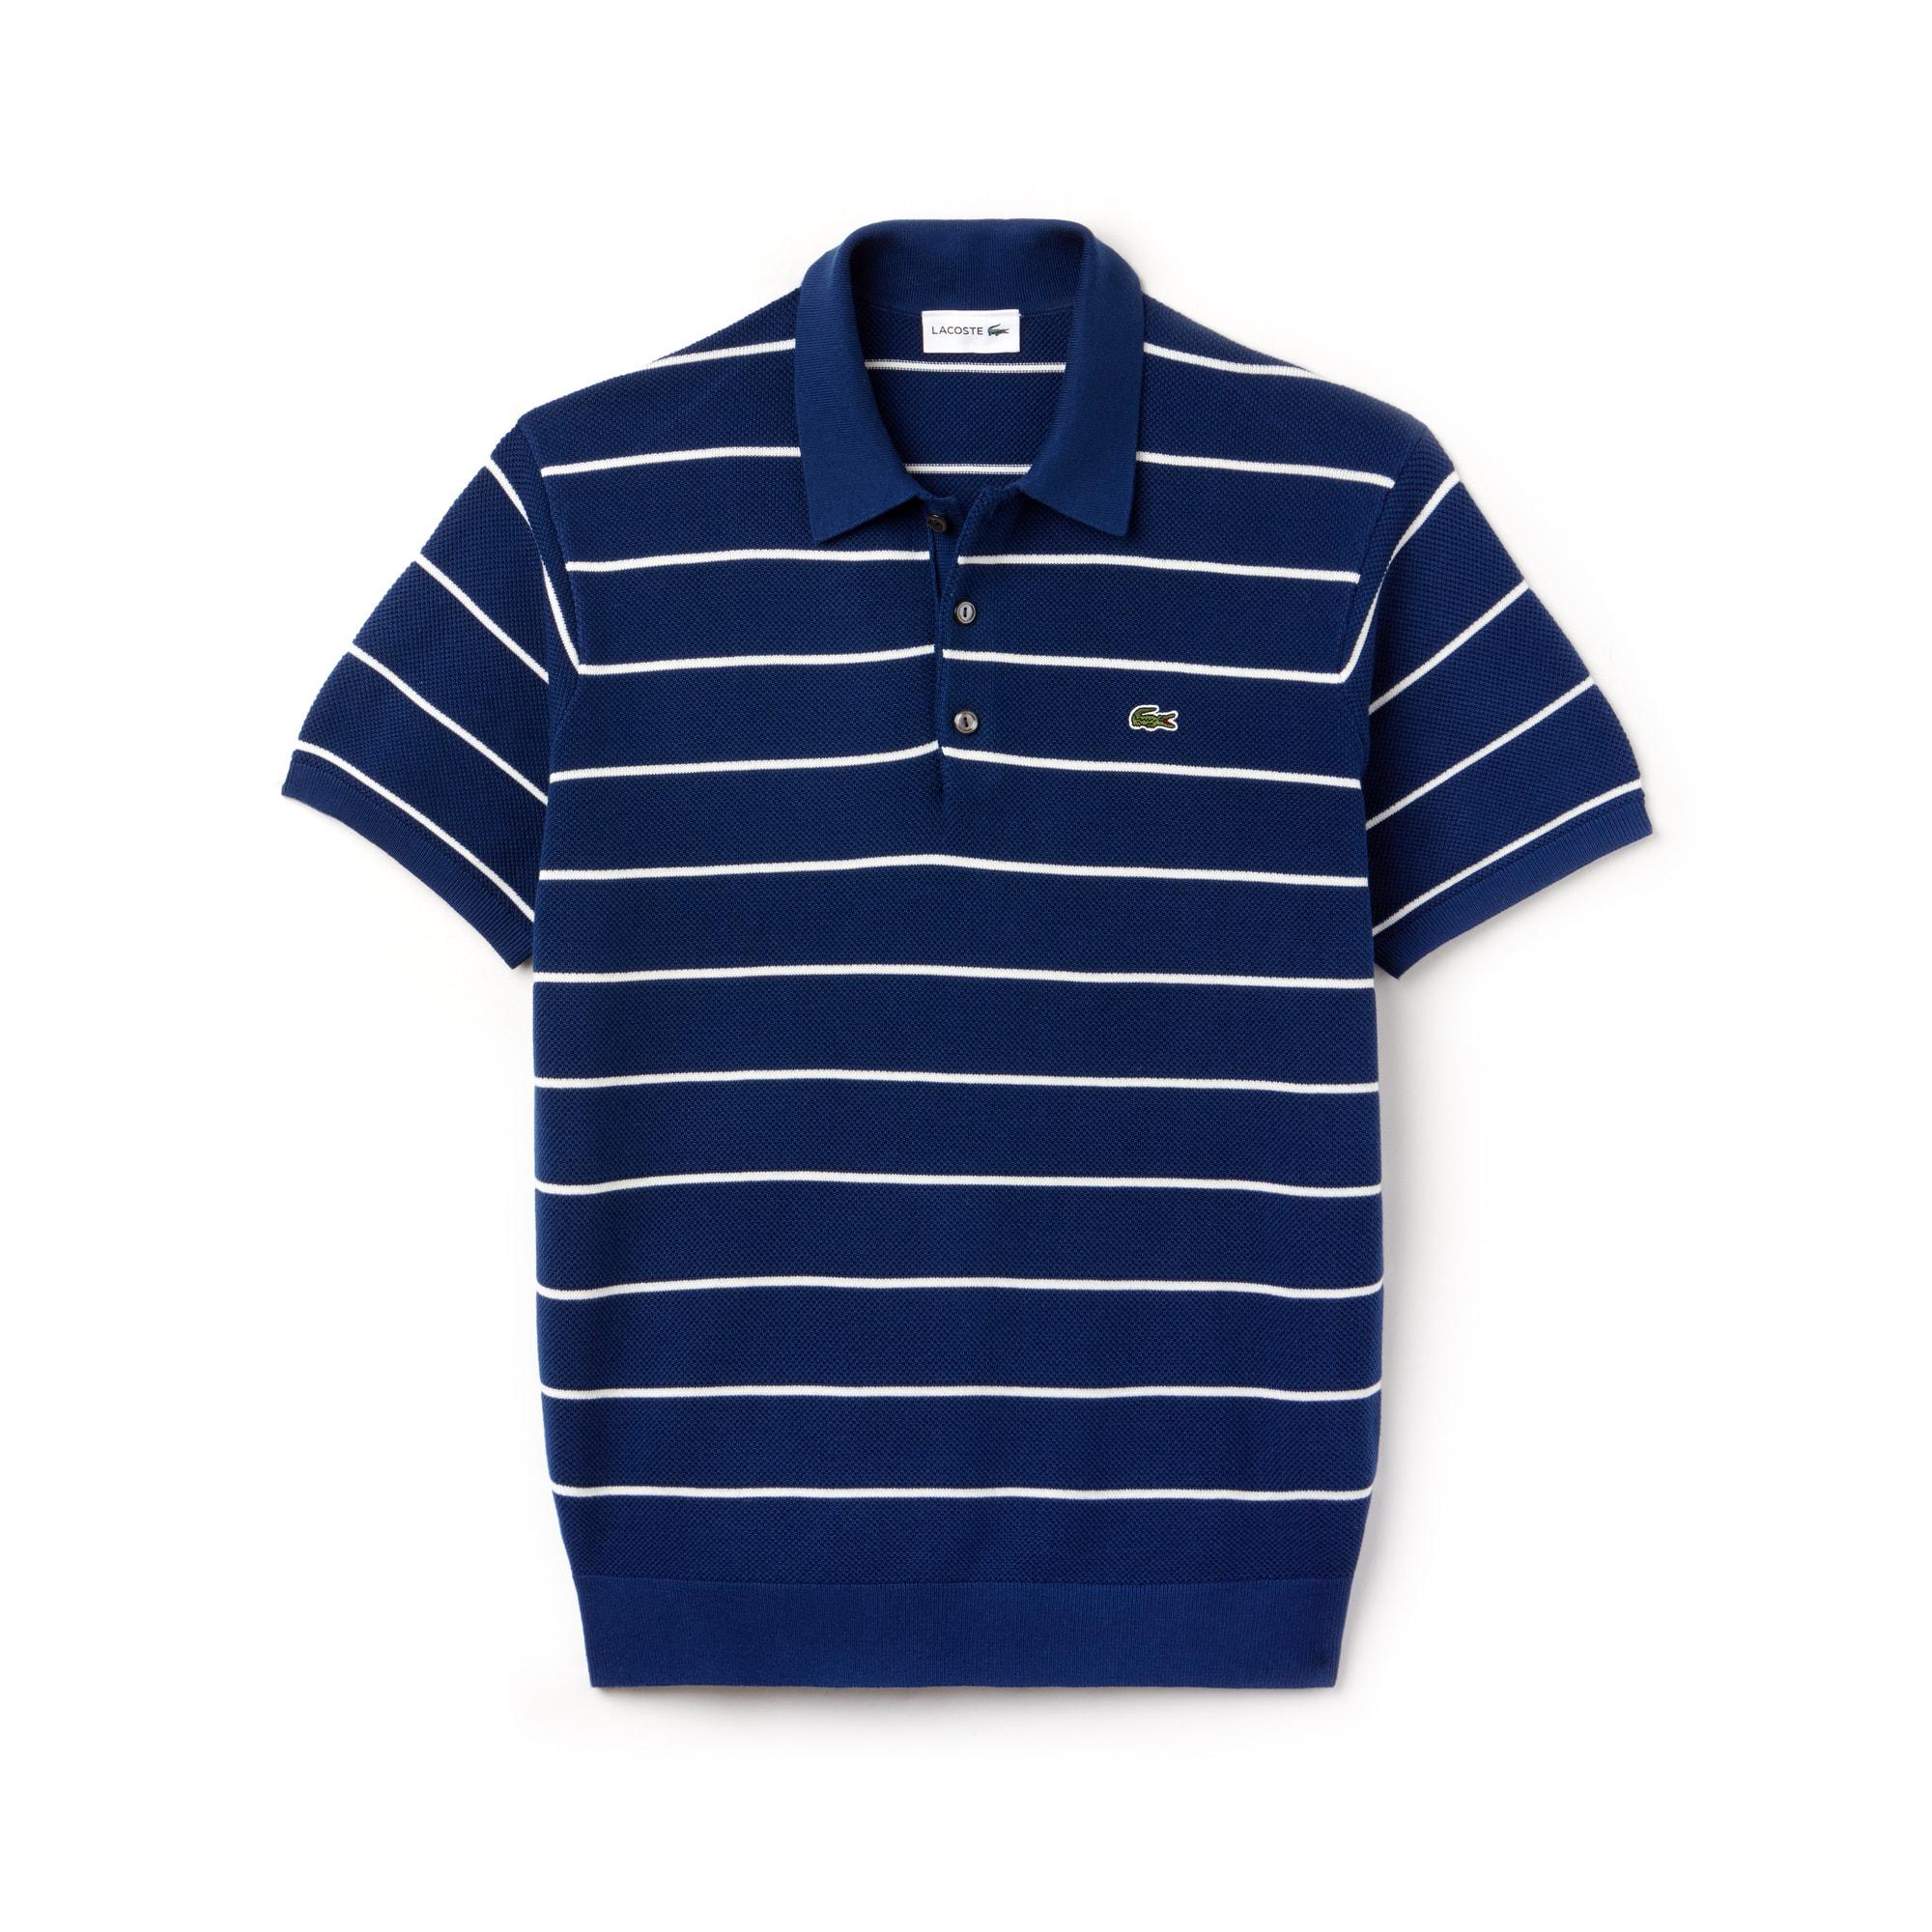 Men's Polo Collar Striped Piqué Sweater